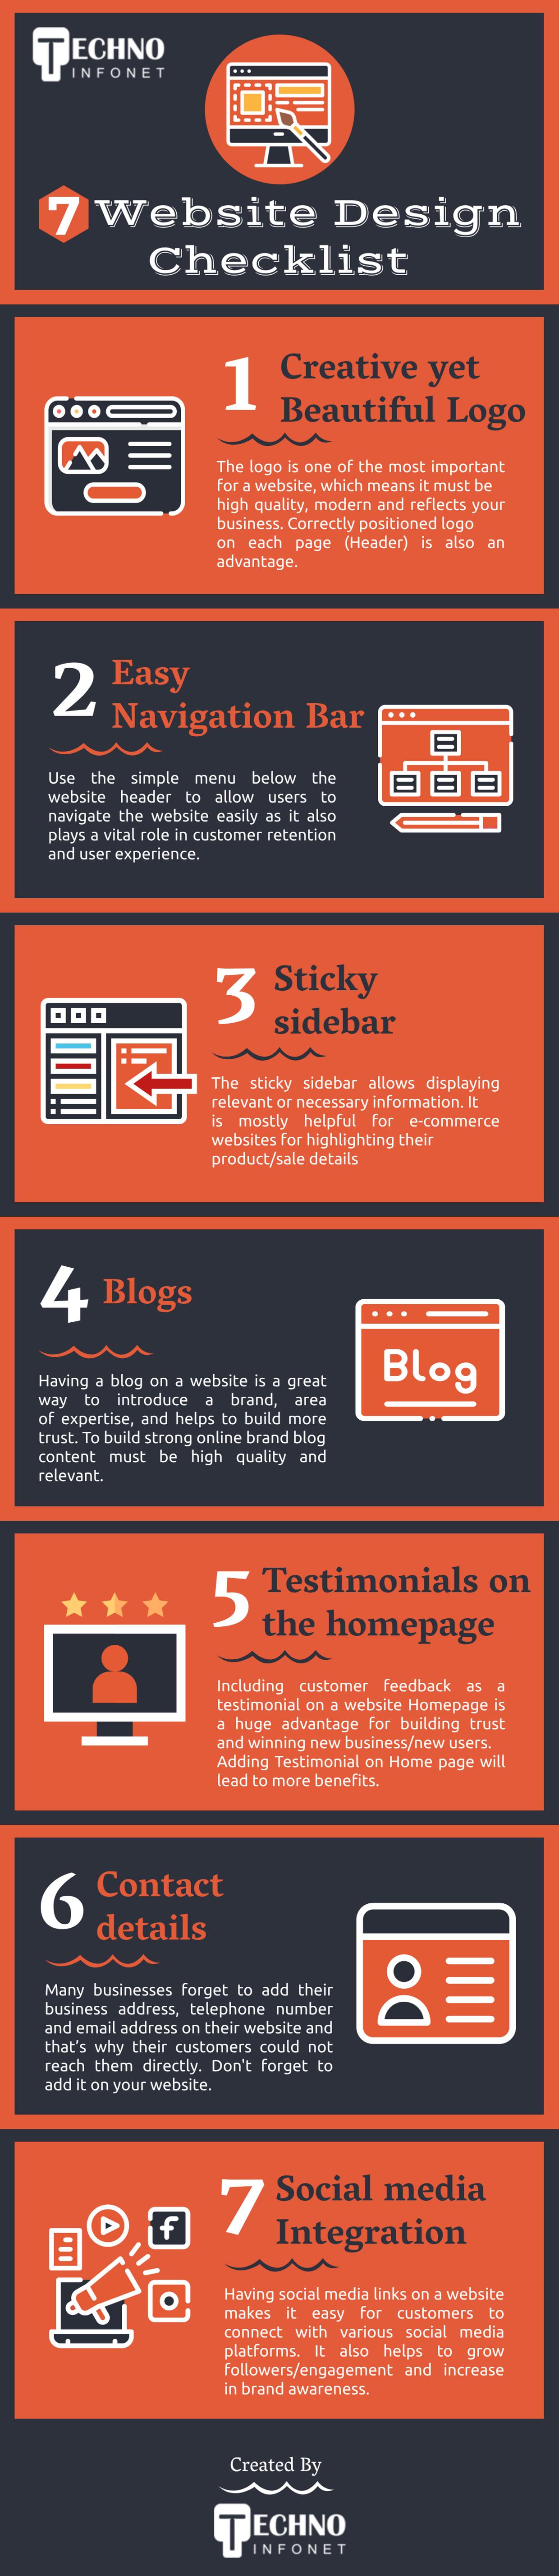 7 website design checklist